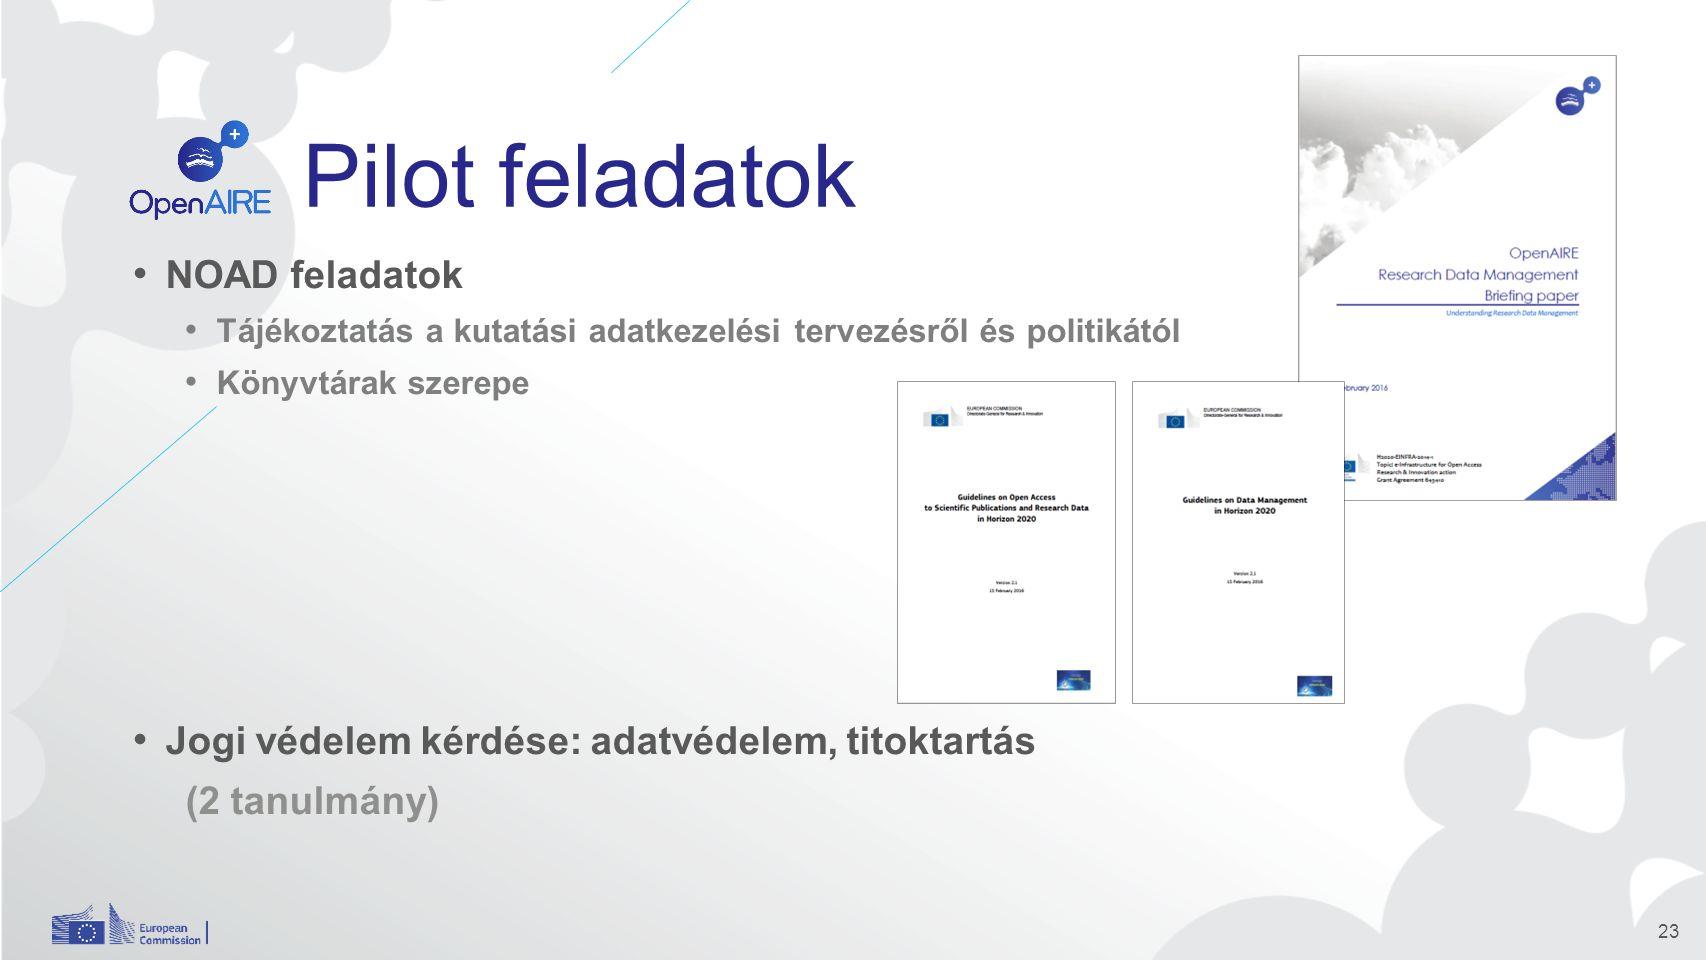 Pilot feladatok NOAD feladatok Tájékoztatás a kutatási adatkezelési tervezésről és politikától Könyvtárak szerepe Jogi védelem kérdése: adatvédelem, titoktartás (2 tanulmány) 23